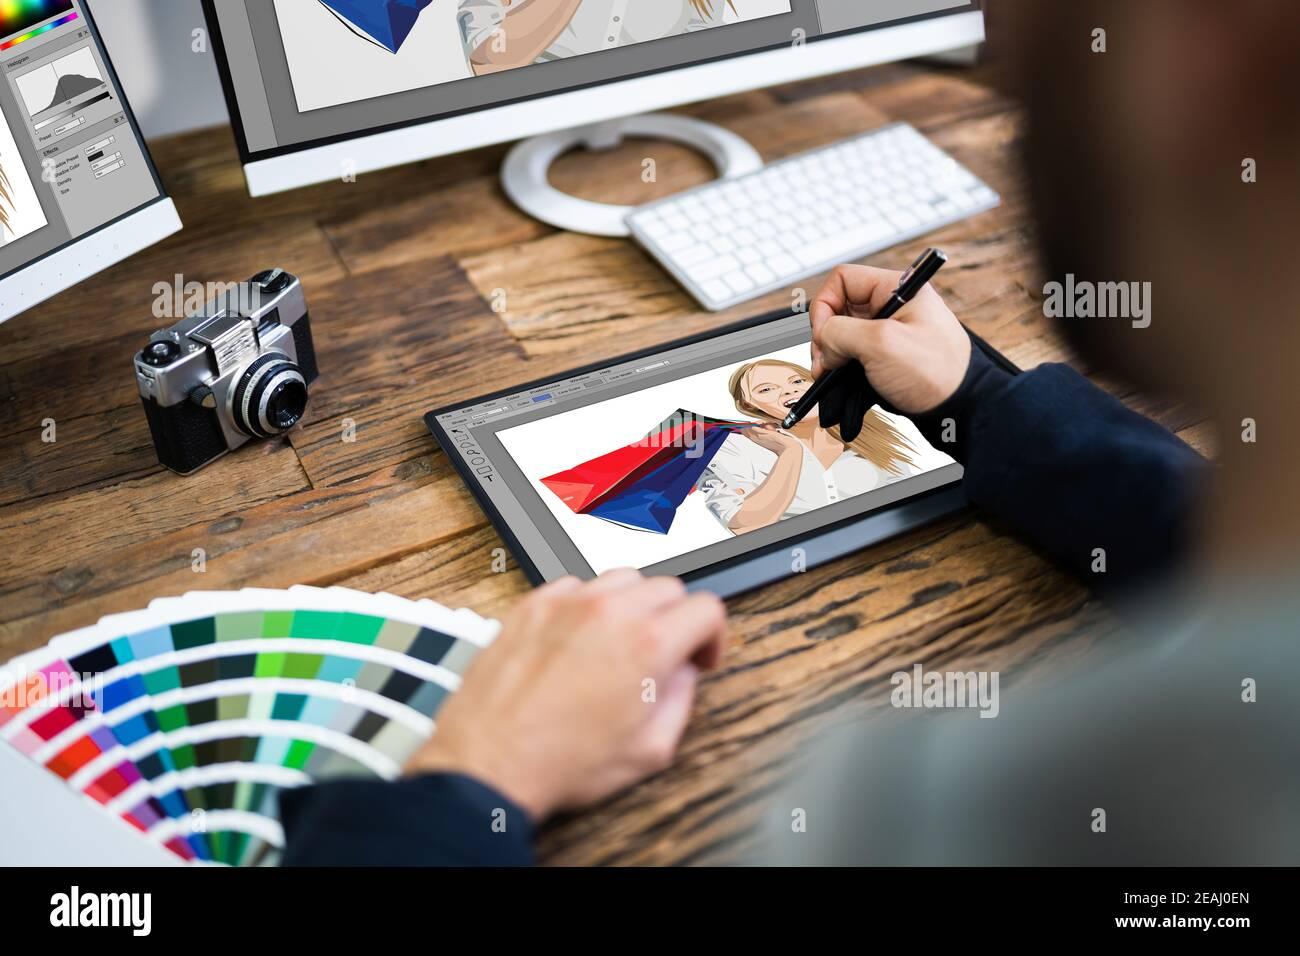 Croquis de dibujo de diseñador gráfico Foto de stock